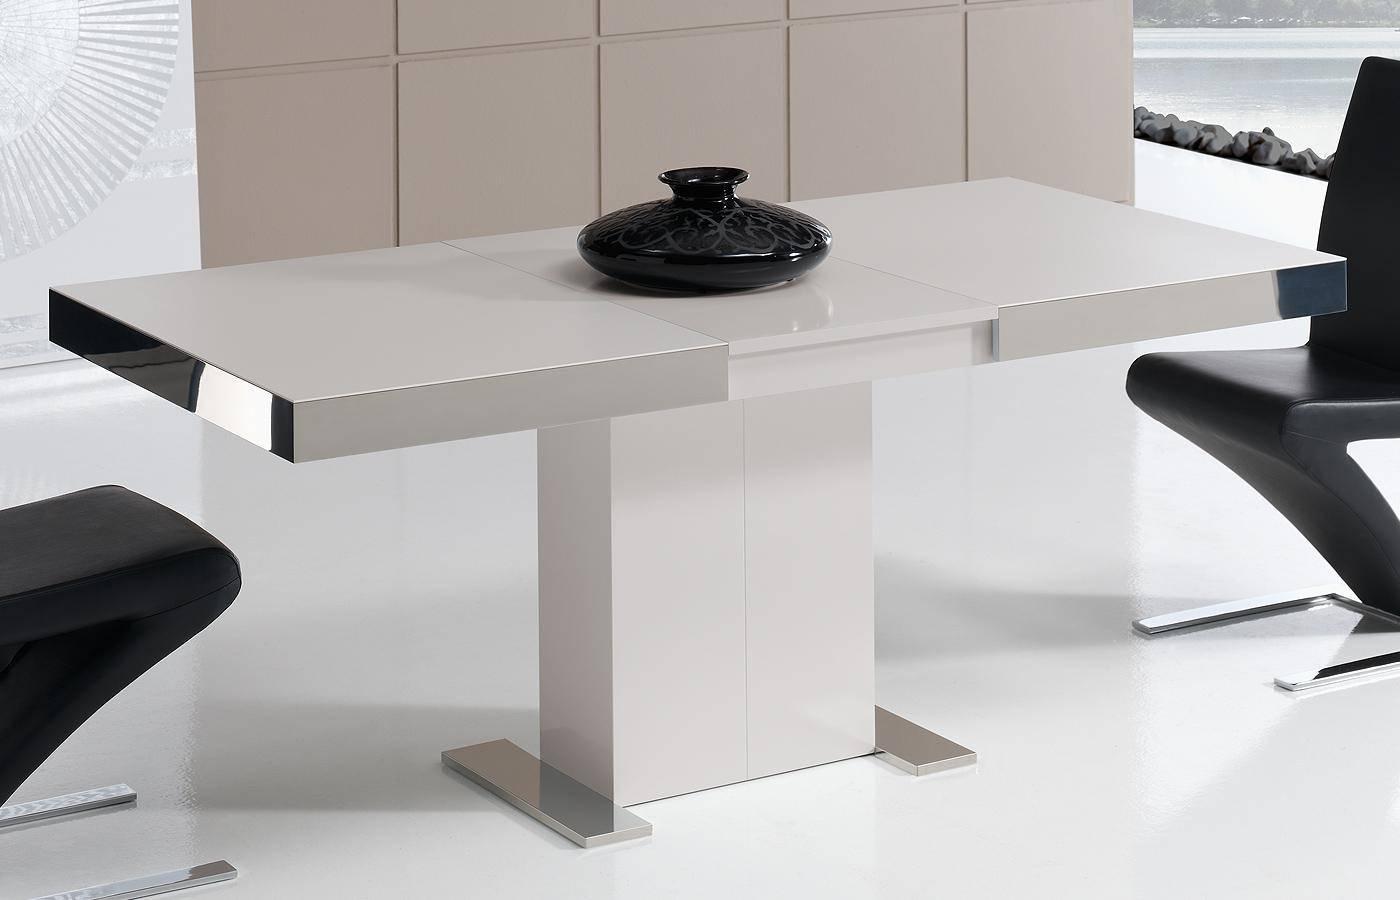 Mesa de comedor kaly porcel nico dismobel - Mesa de comedor ...